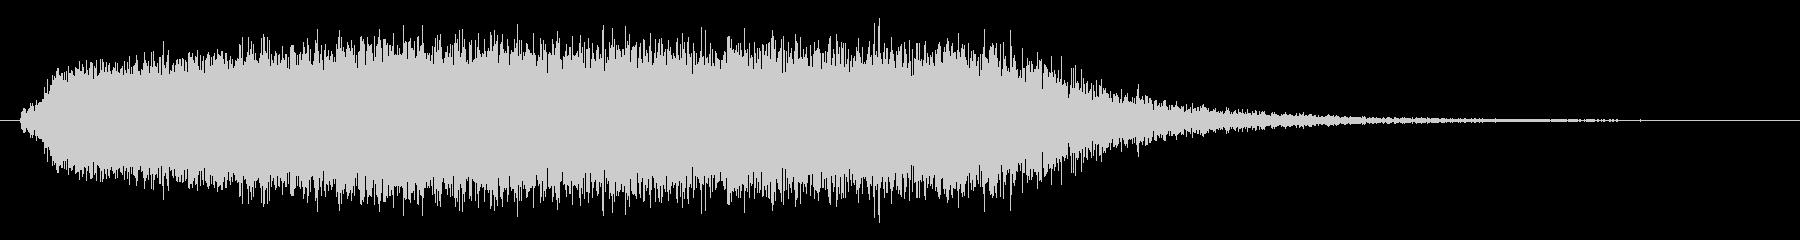 モンスターの鳴き声(グギャー1)の未再生の波形